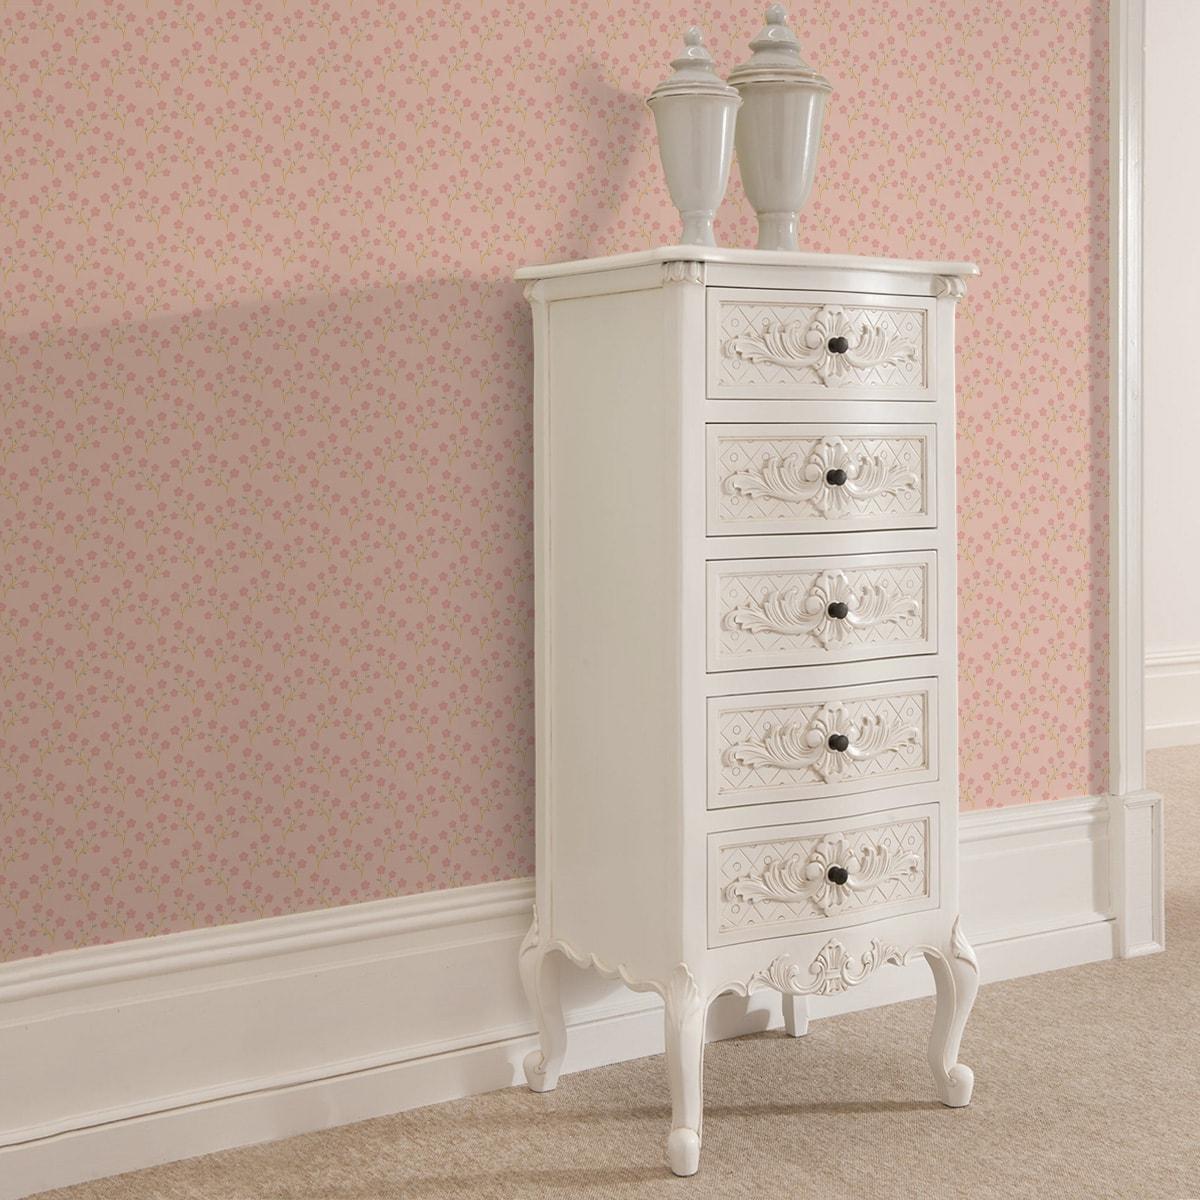 Tapete Wohnzimmer pink: Altrosa Tapete